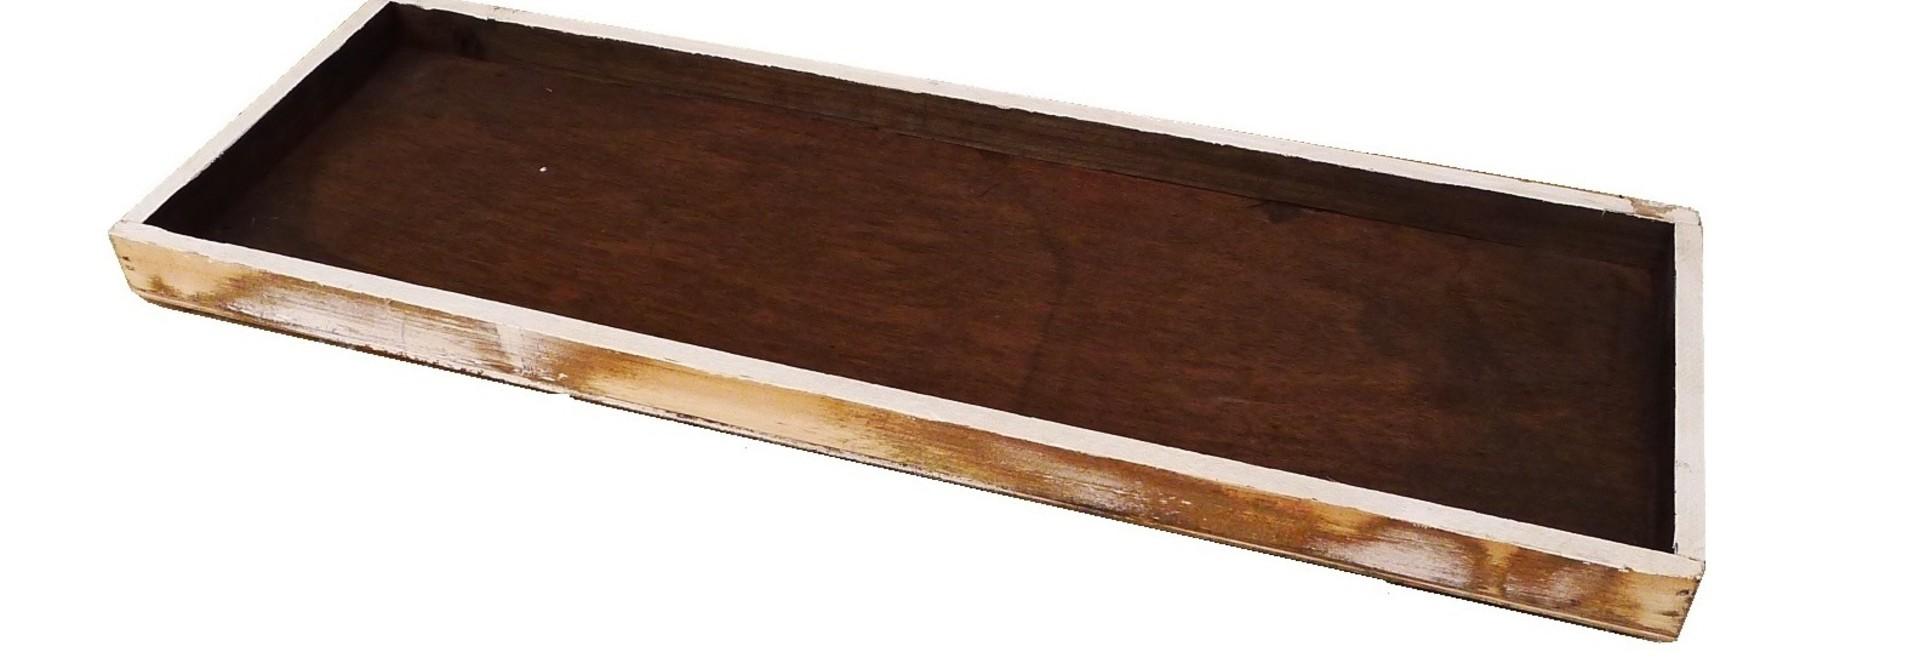 tray old dutch cutting blade 60/20